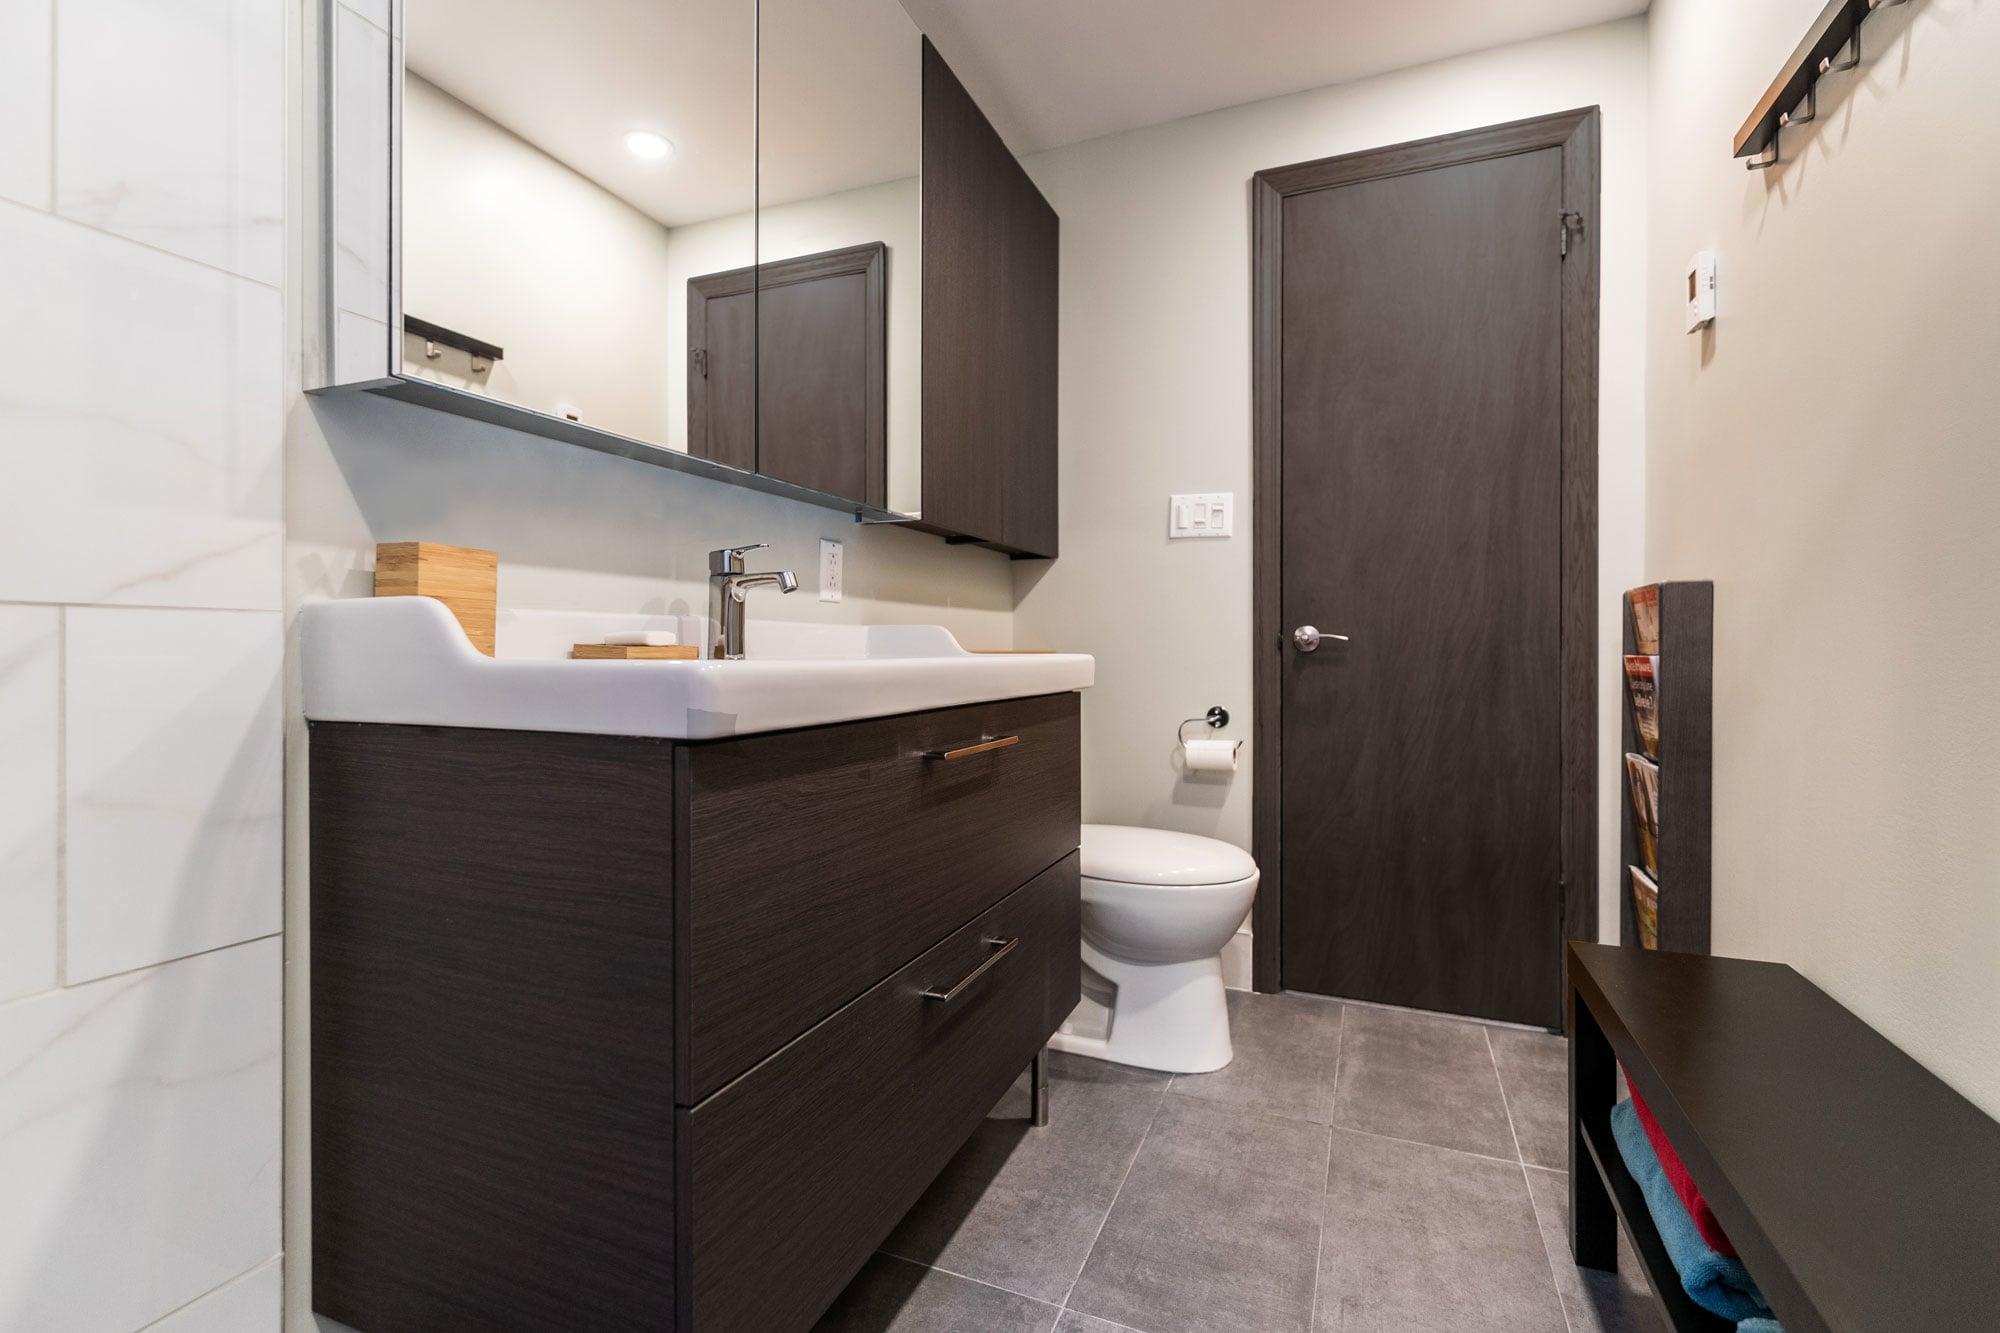 rénovation d'une petite salle de bain moderne